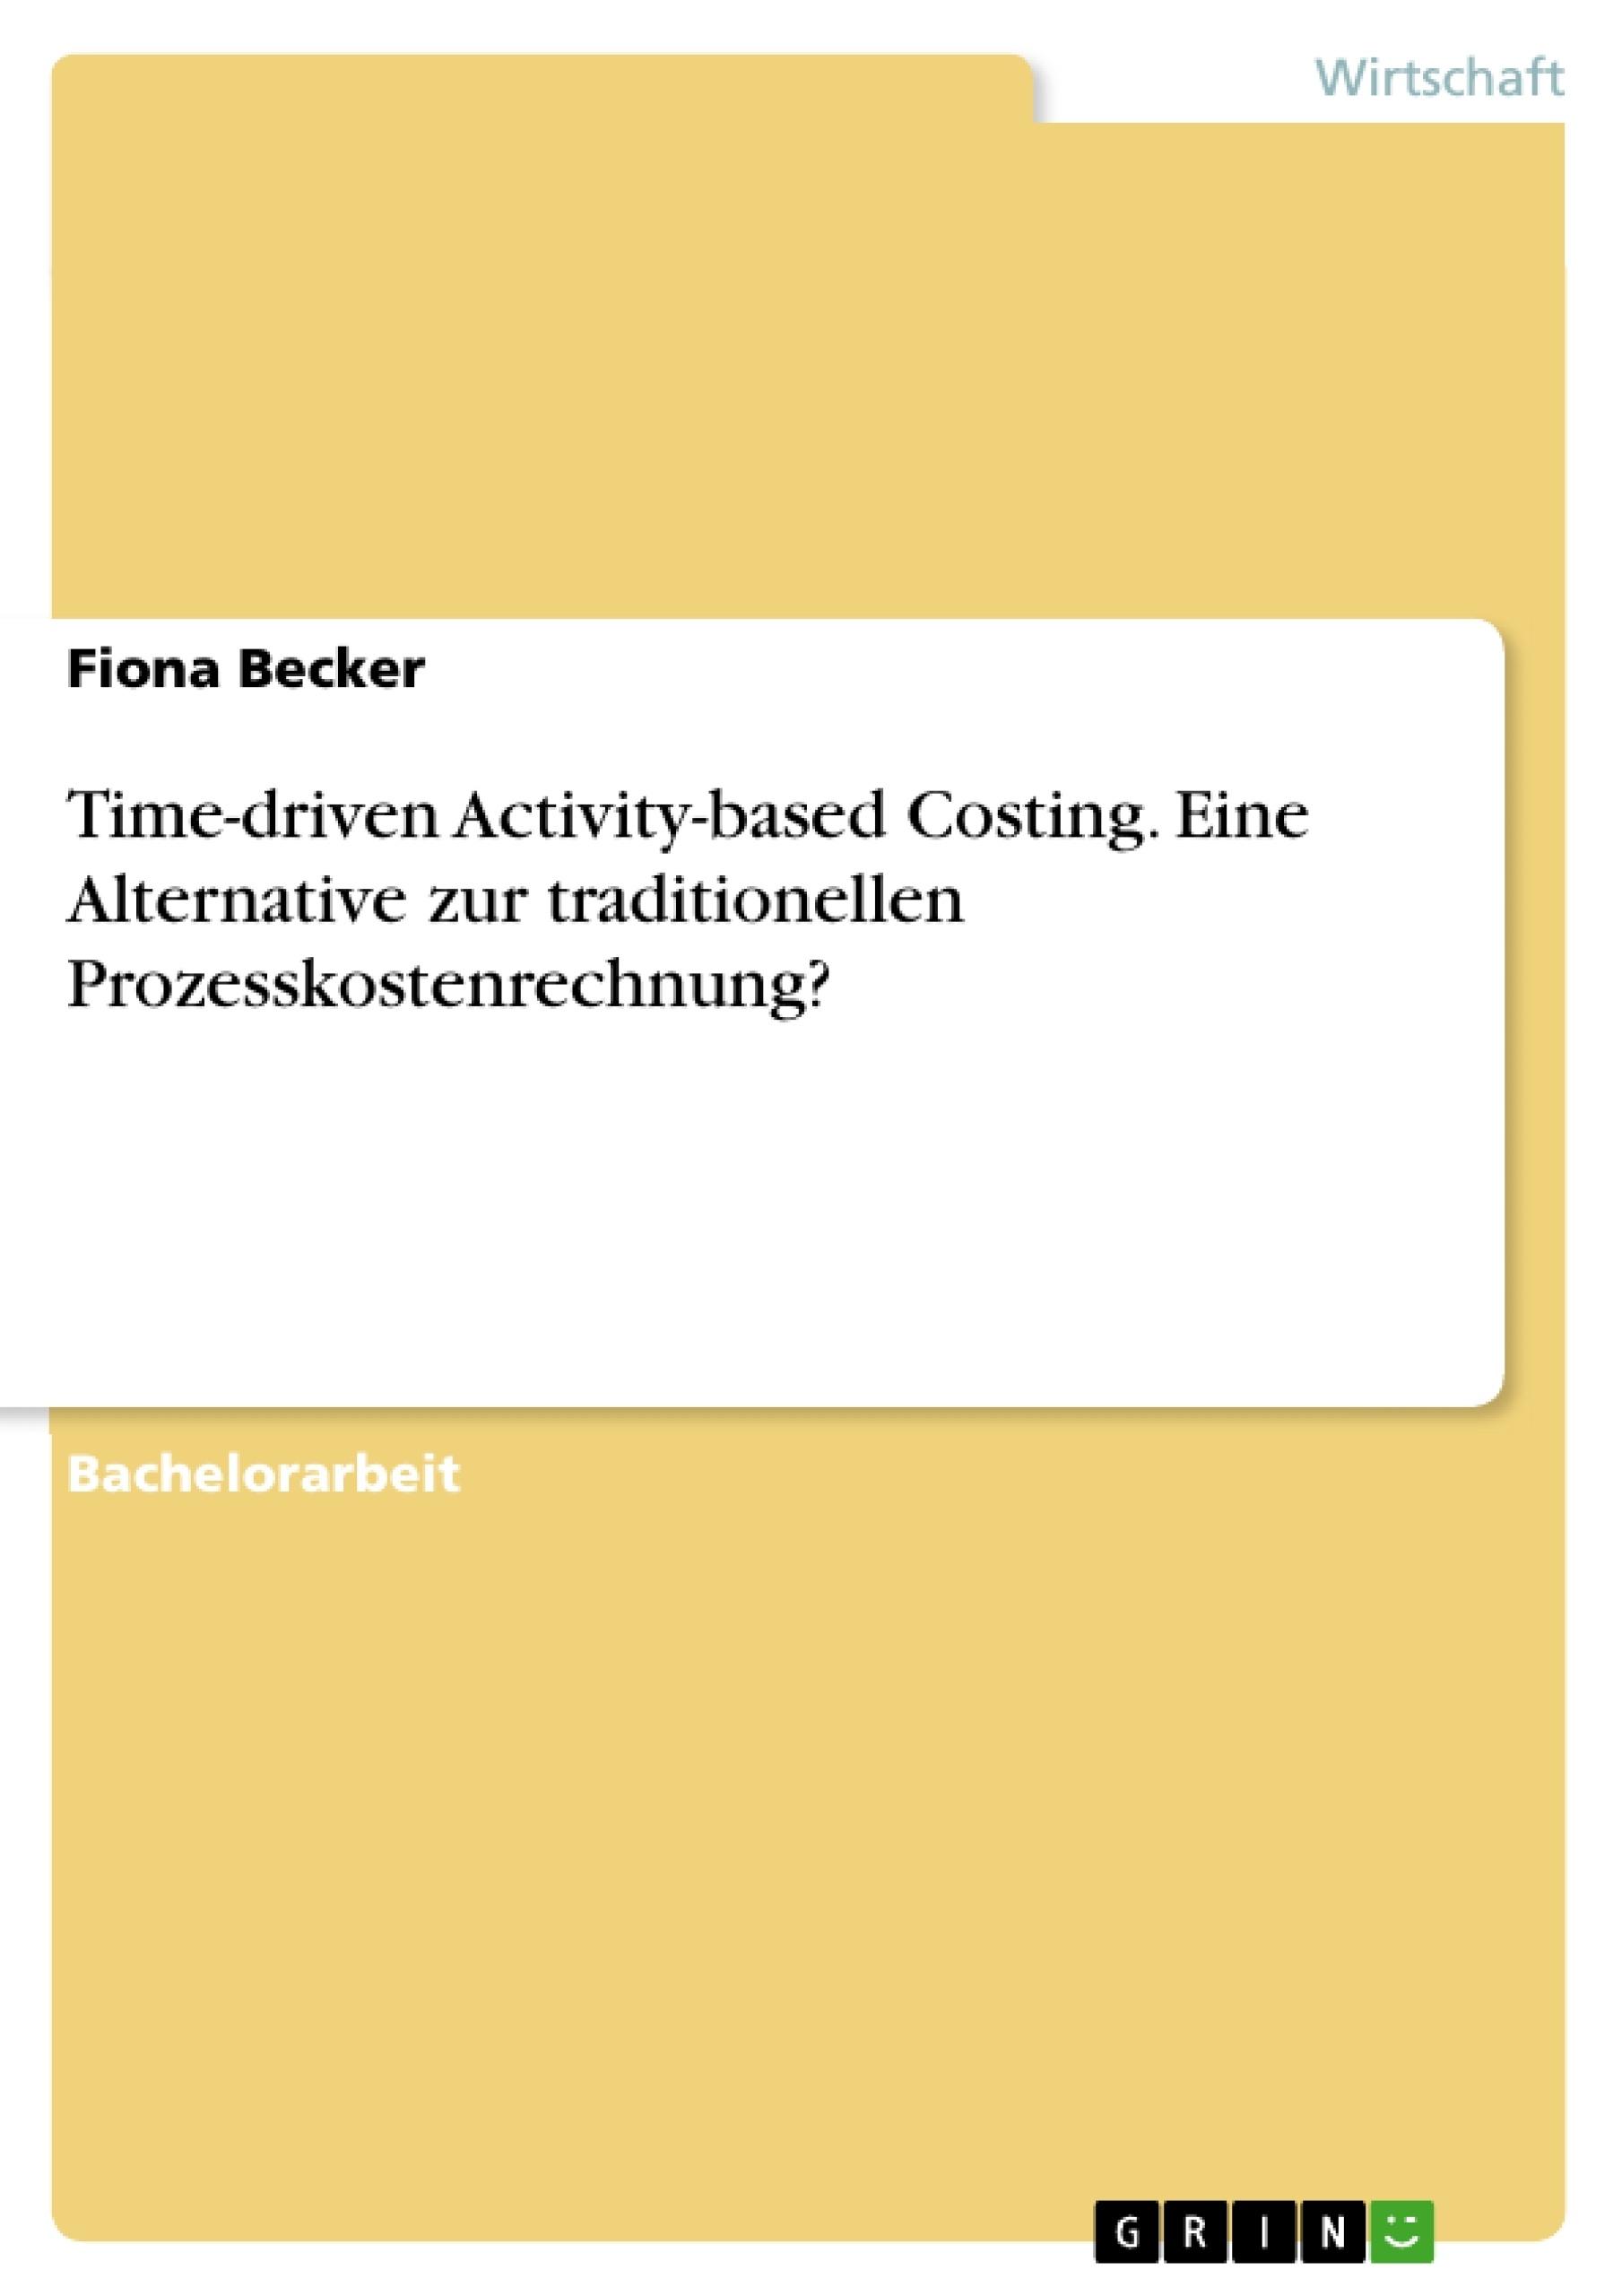 Titel: Time-driven Activity-based Costing. Eine Alternative zur traditionellen Prozesskostenrechnung?